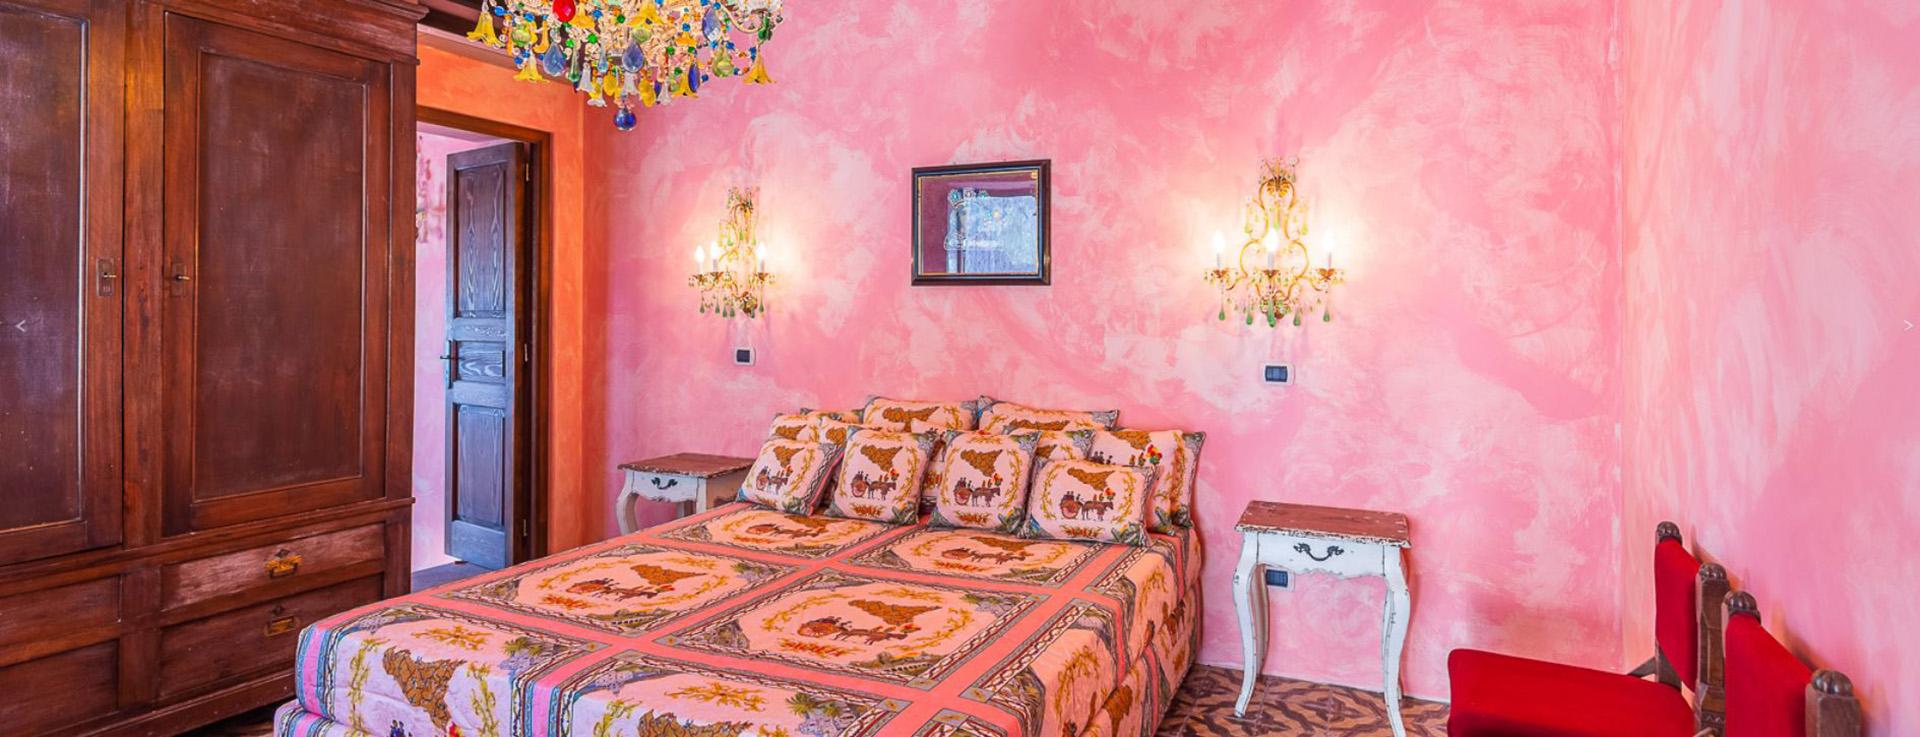 La habitación rosa: el estilo característico de Dolce & Gabbana se ve en toda la casa, con cada suite en su propio color y sofás y muebles suaves acabados en las telas de la casa de moda